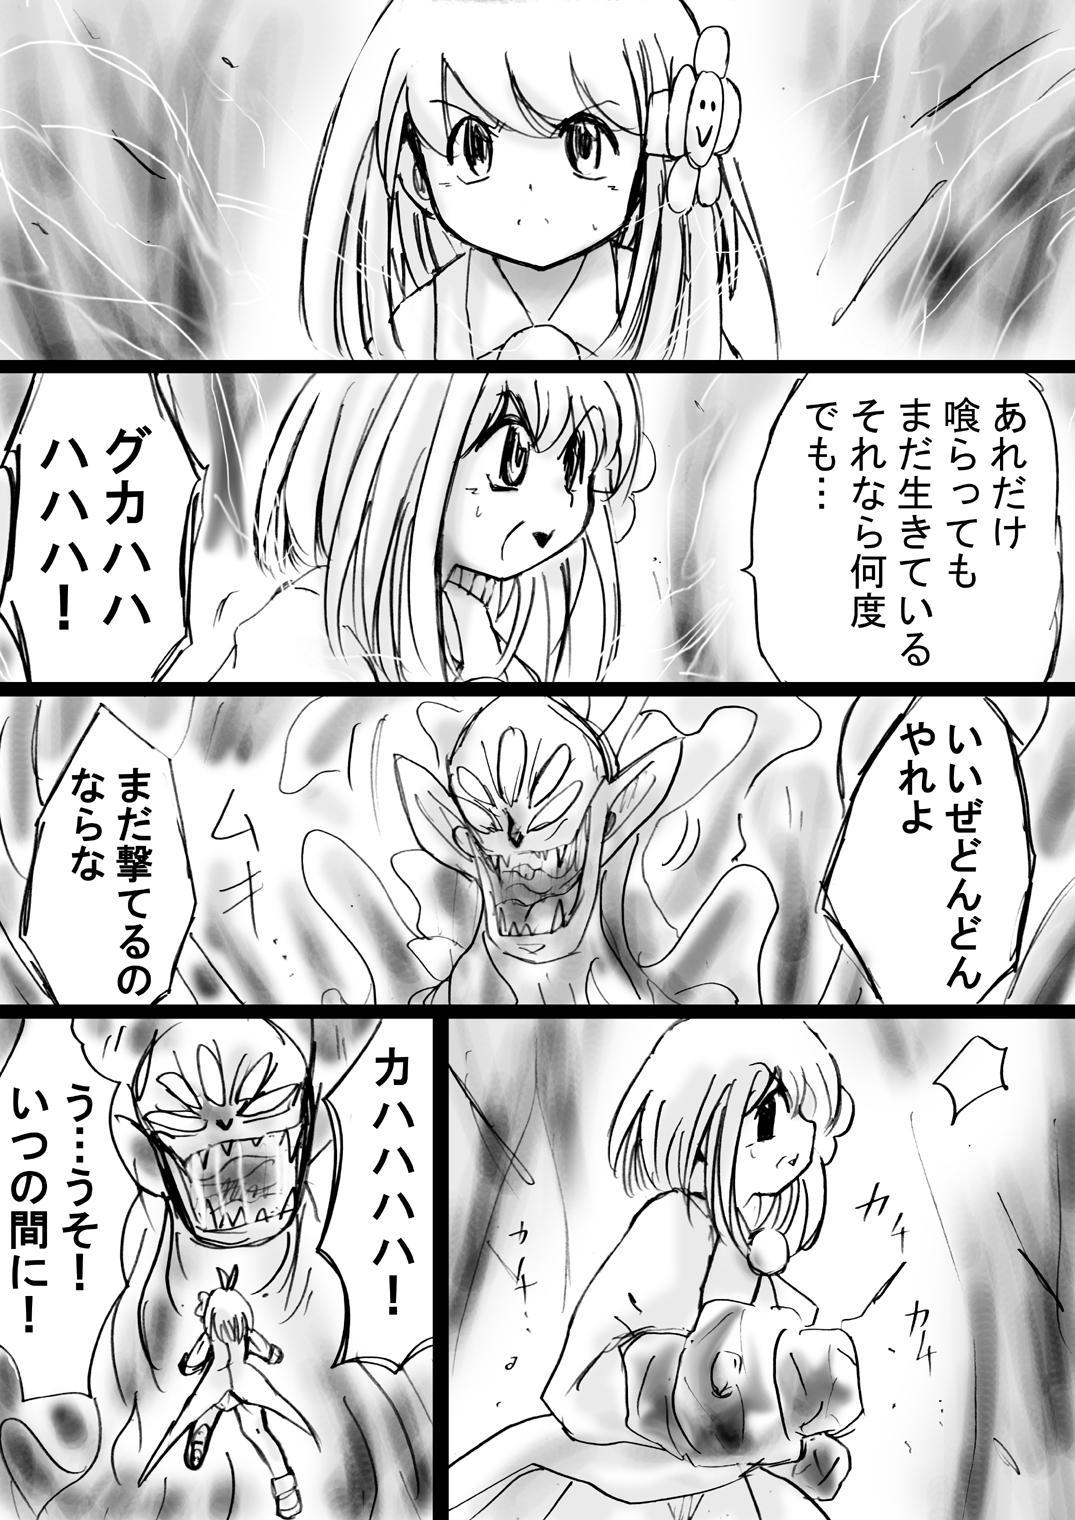 [Dende] Fushigi Sekai -Mystery World- no Nona 17 ~ Taiketsu Fujimi no Dai Inma Dakurasu, Kanzen Sekka no Kyoufu 41